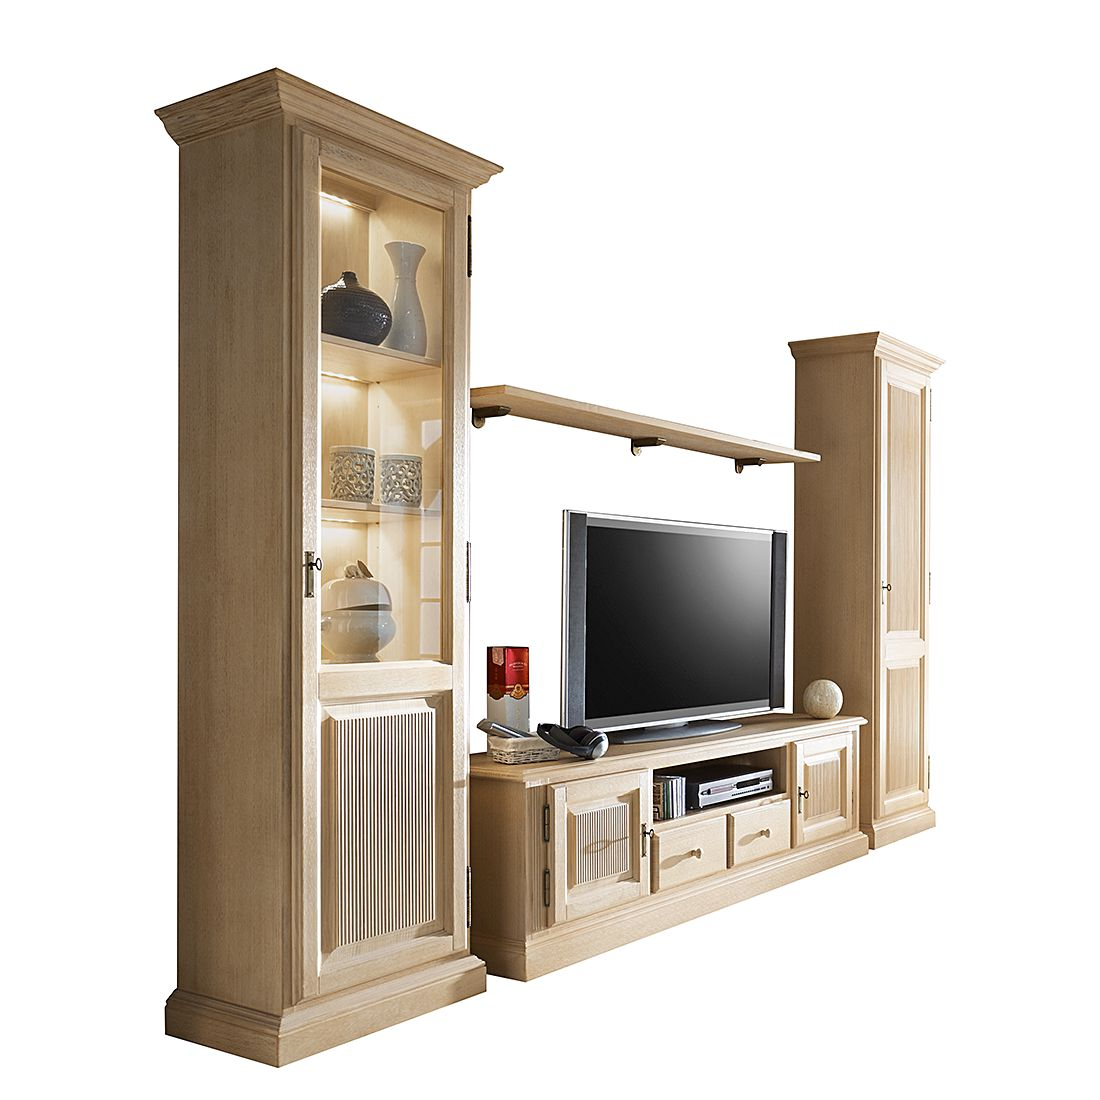 eek a wohnwand breddin 4 teilig i pinie massiv mit beleuchtung landhaus classic kaufen. Black Bedroom Furniture Sets. Home Design Ideas